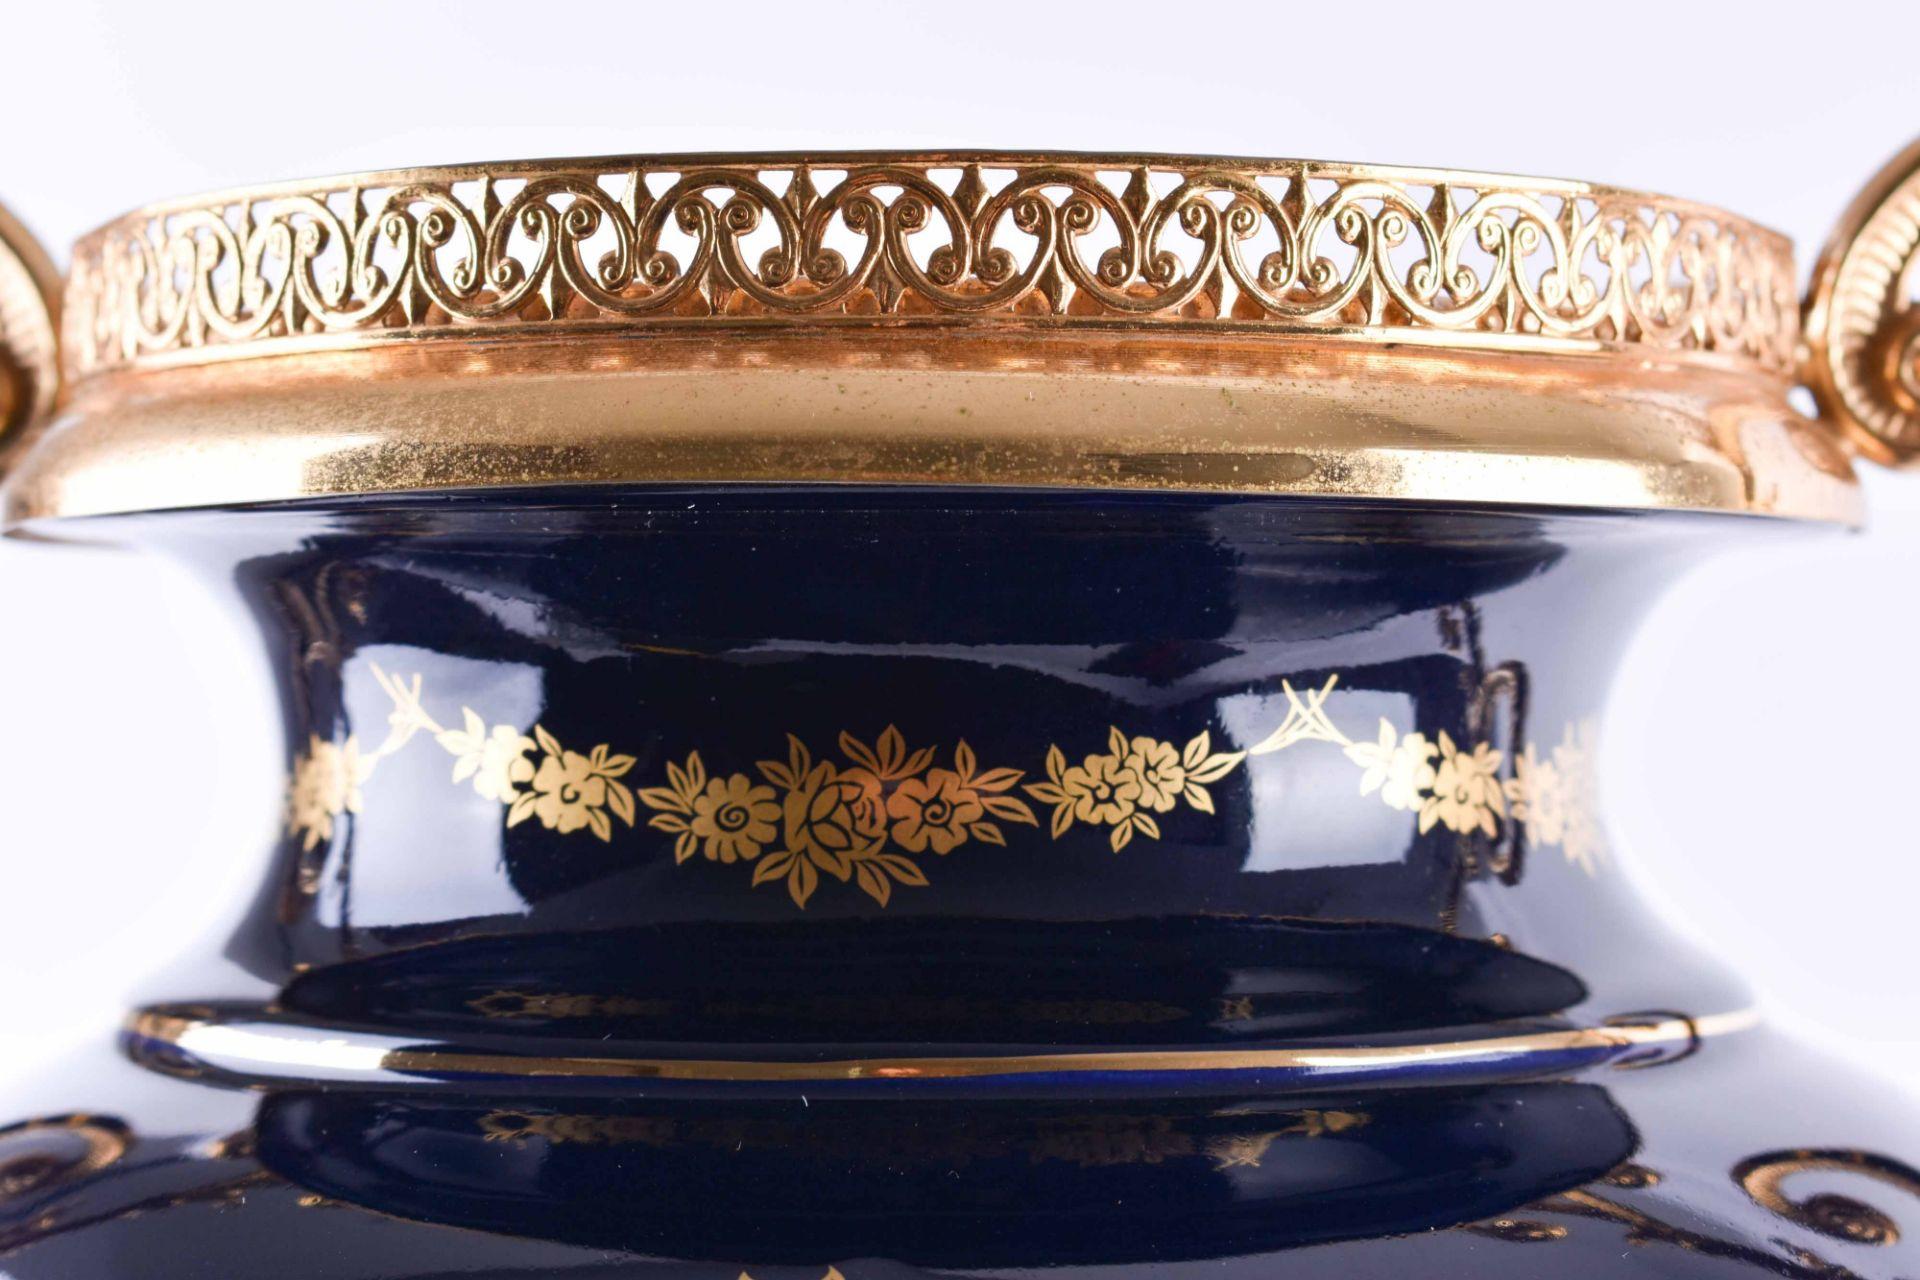 Pomp vase Limoges - Image 4 of 5